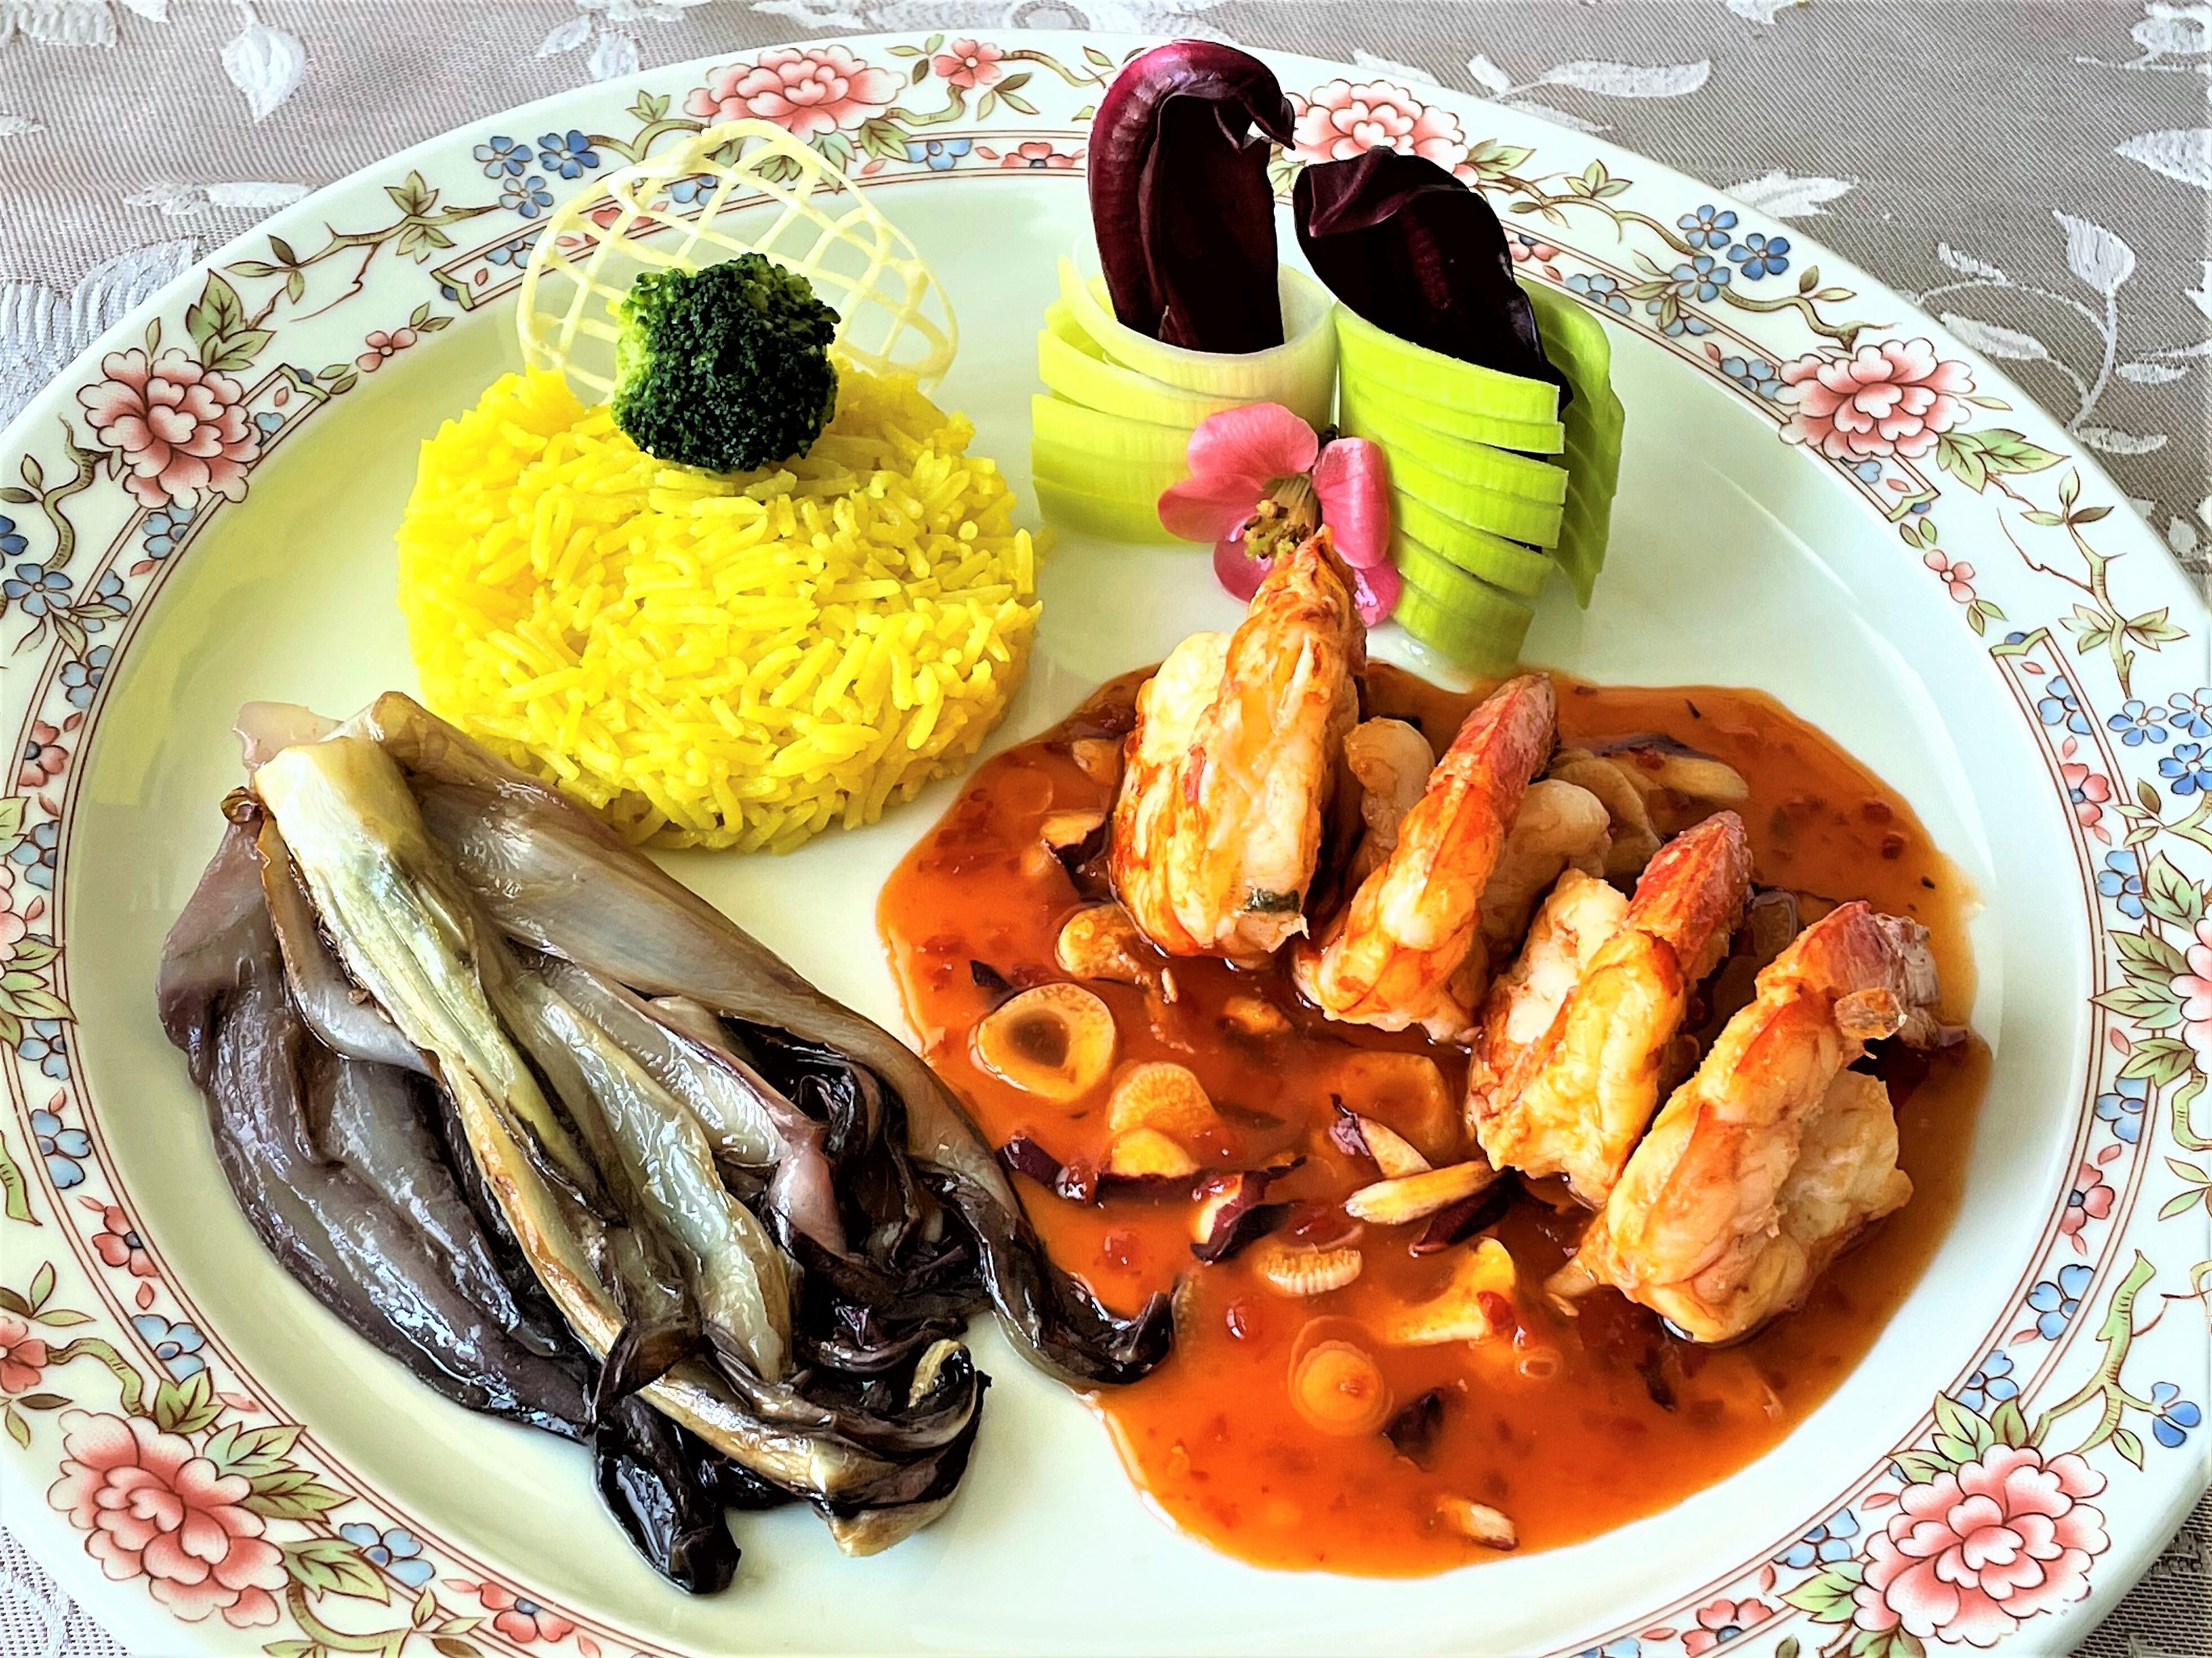 Gamberoni in salsa agrodolce con aglio e radicchio